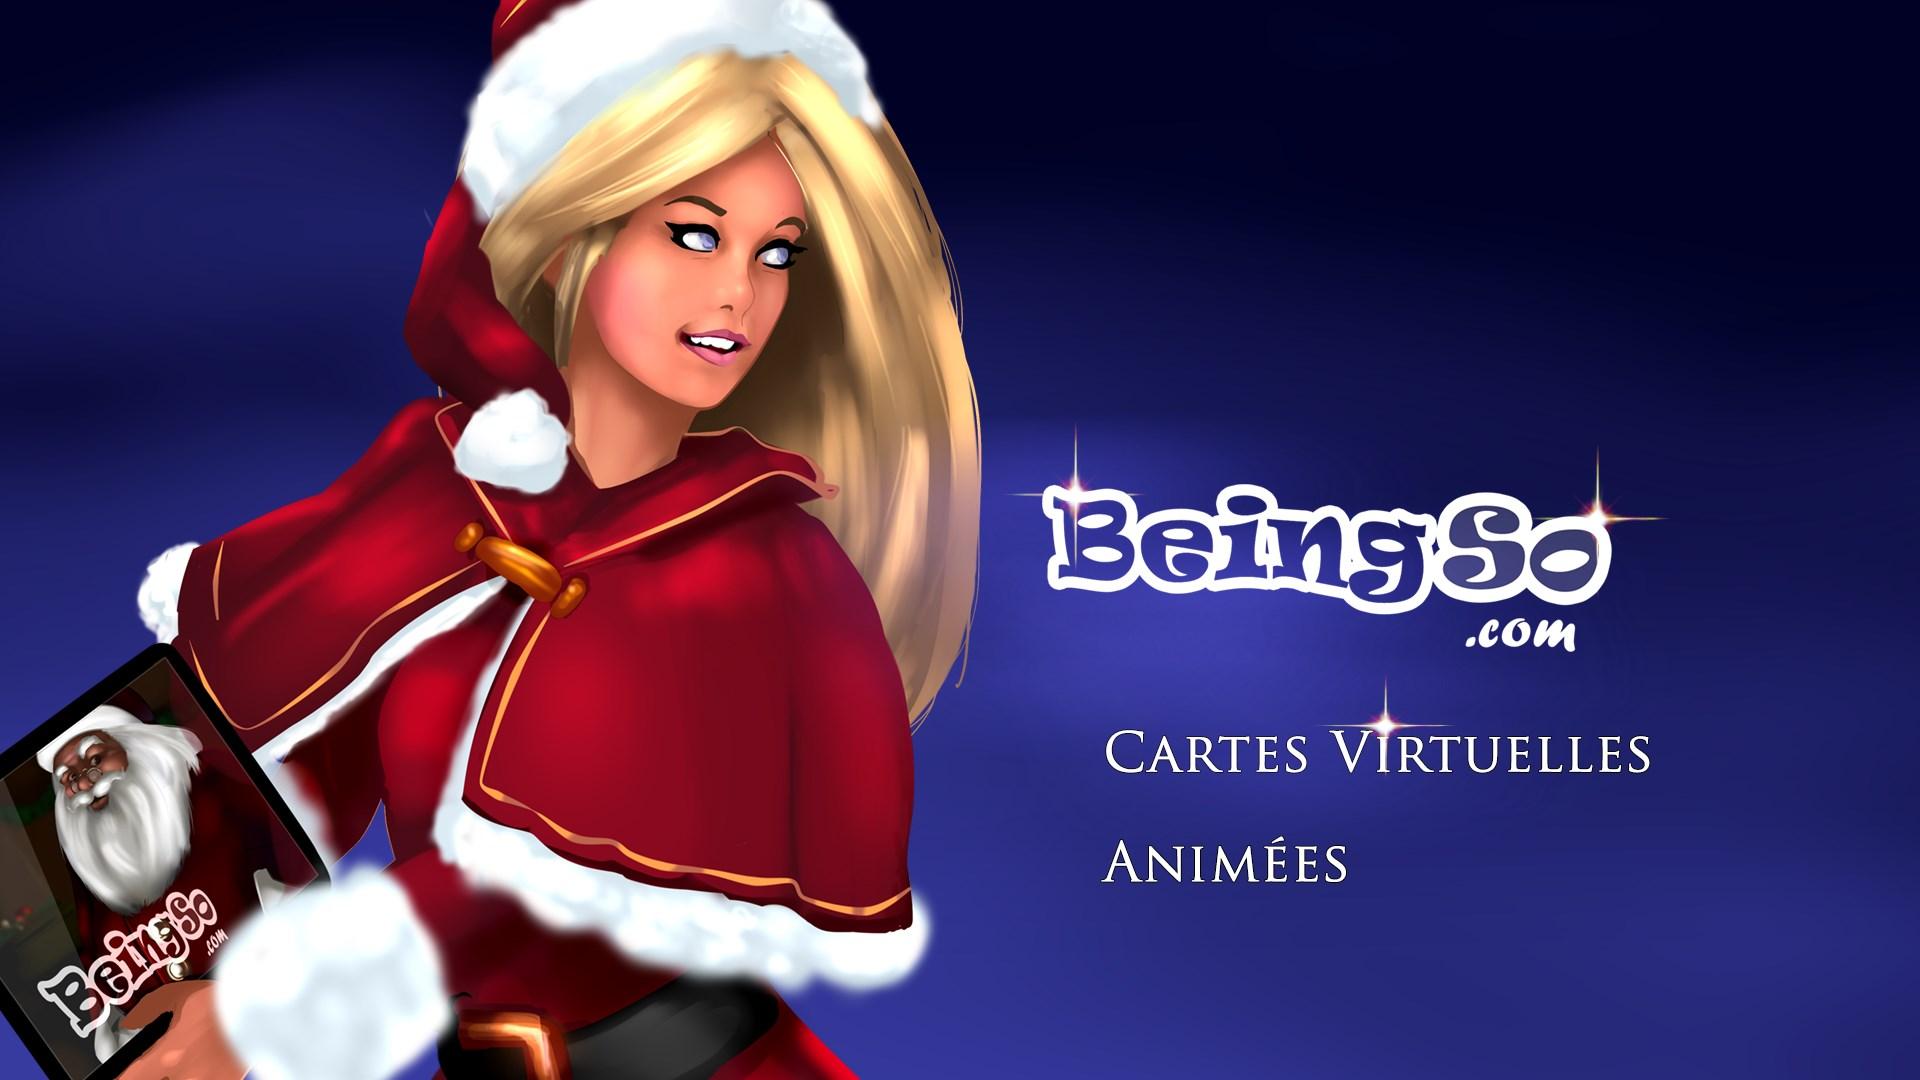 Recevoir Cartes Virtuelles Animees Beingso Com Noel Nouvel An 2018 Joyeux Anniversaire Microsoft Store Fr Dj